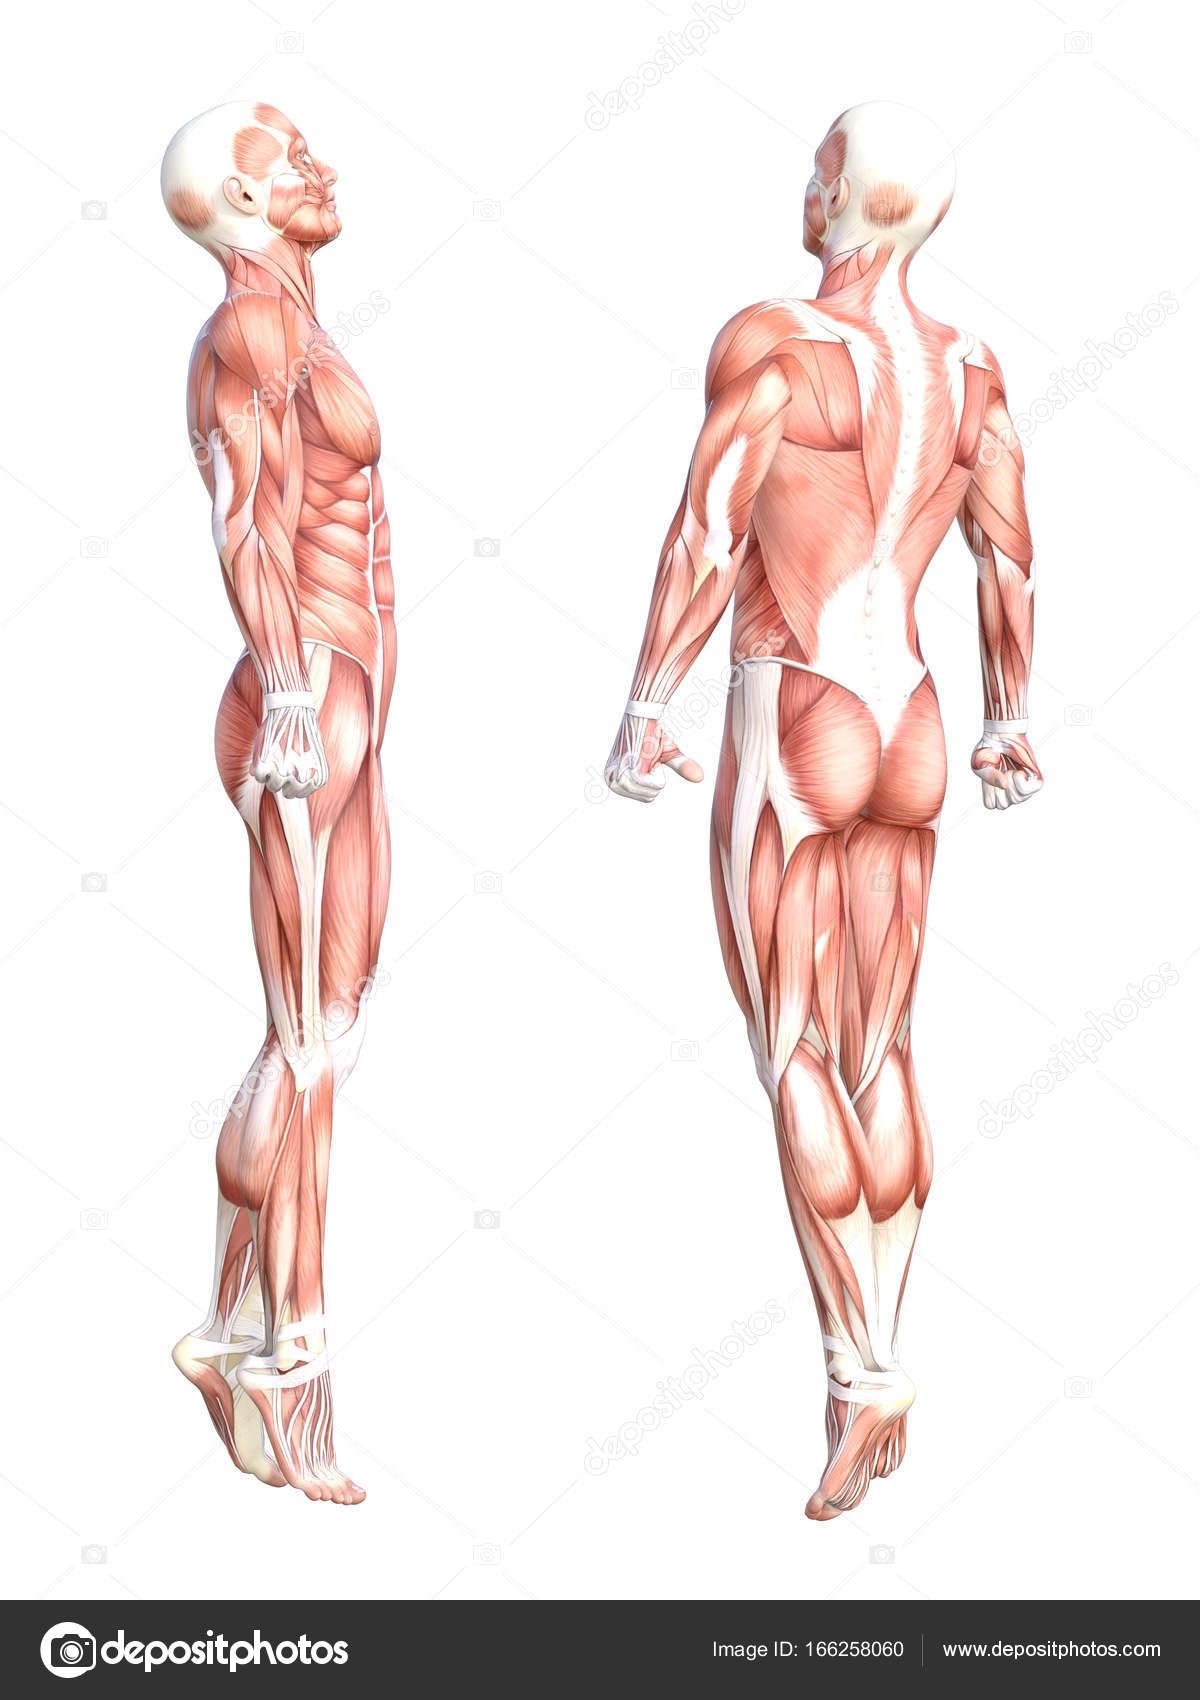 grundlegende menschliche Anatomie — Stockfoto © design36 #166258060